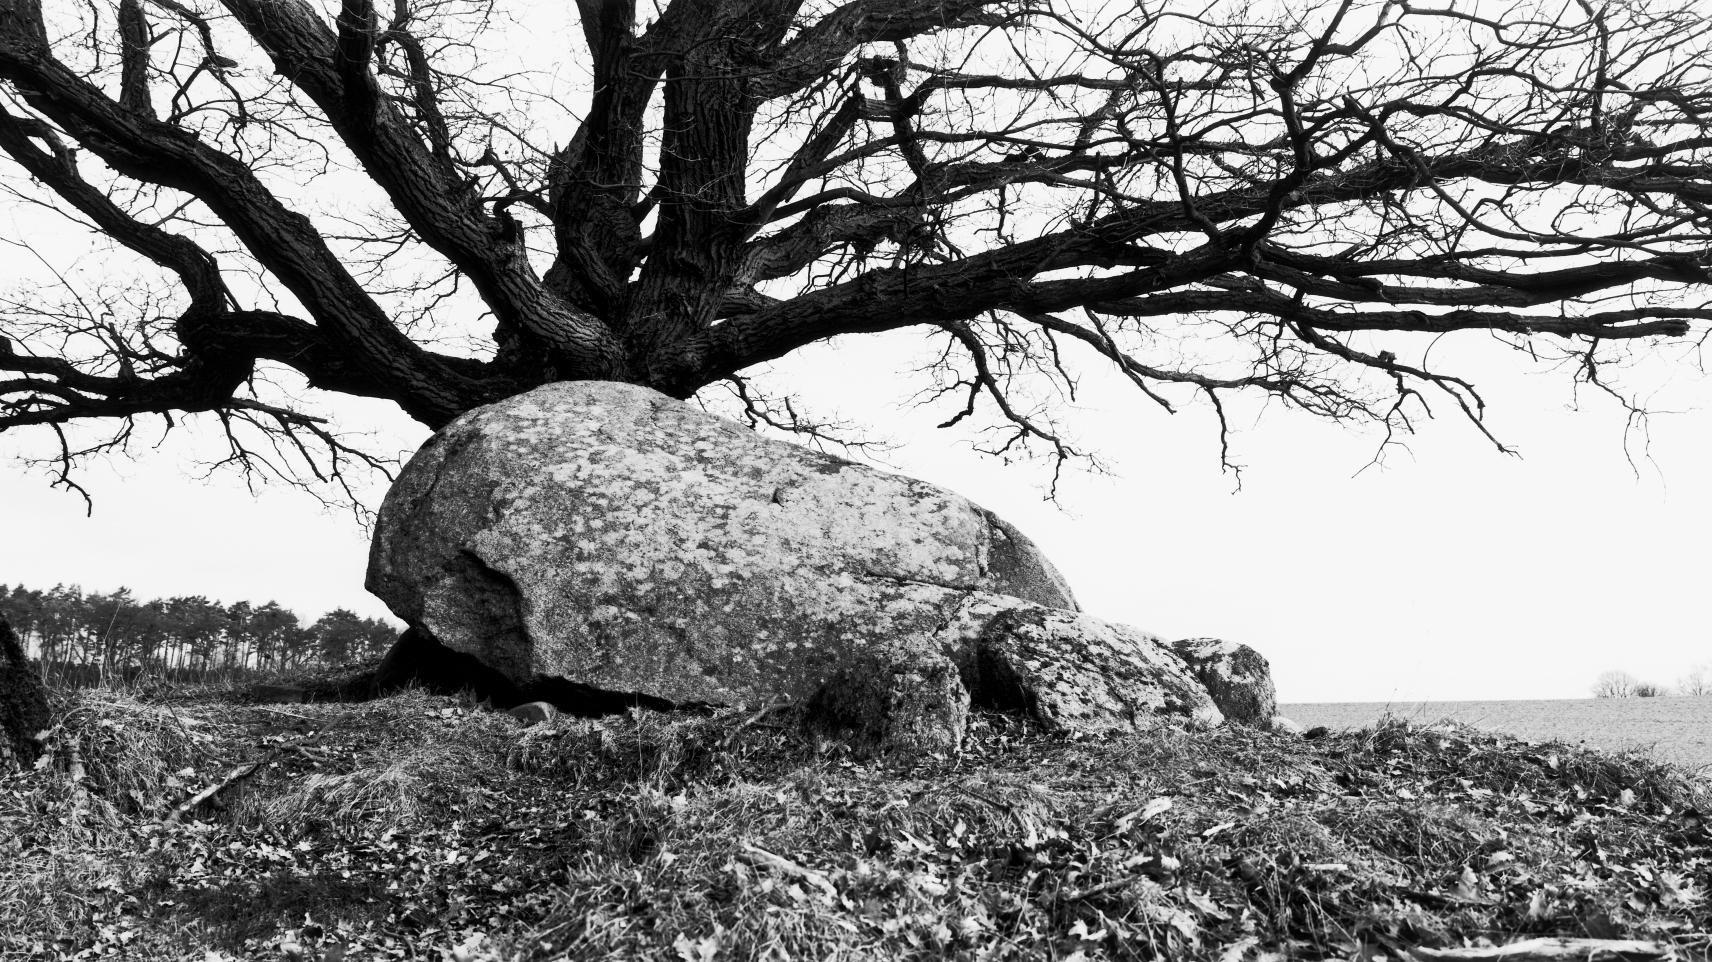 Die Großdolmen von Lüdelsen, Fundplatz 1, im Altmarkkreis Salzwedel. © Landesamt für Denkmalpflege und Archäologie Sachsen-Anhalt, Juraj Lipták.